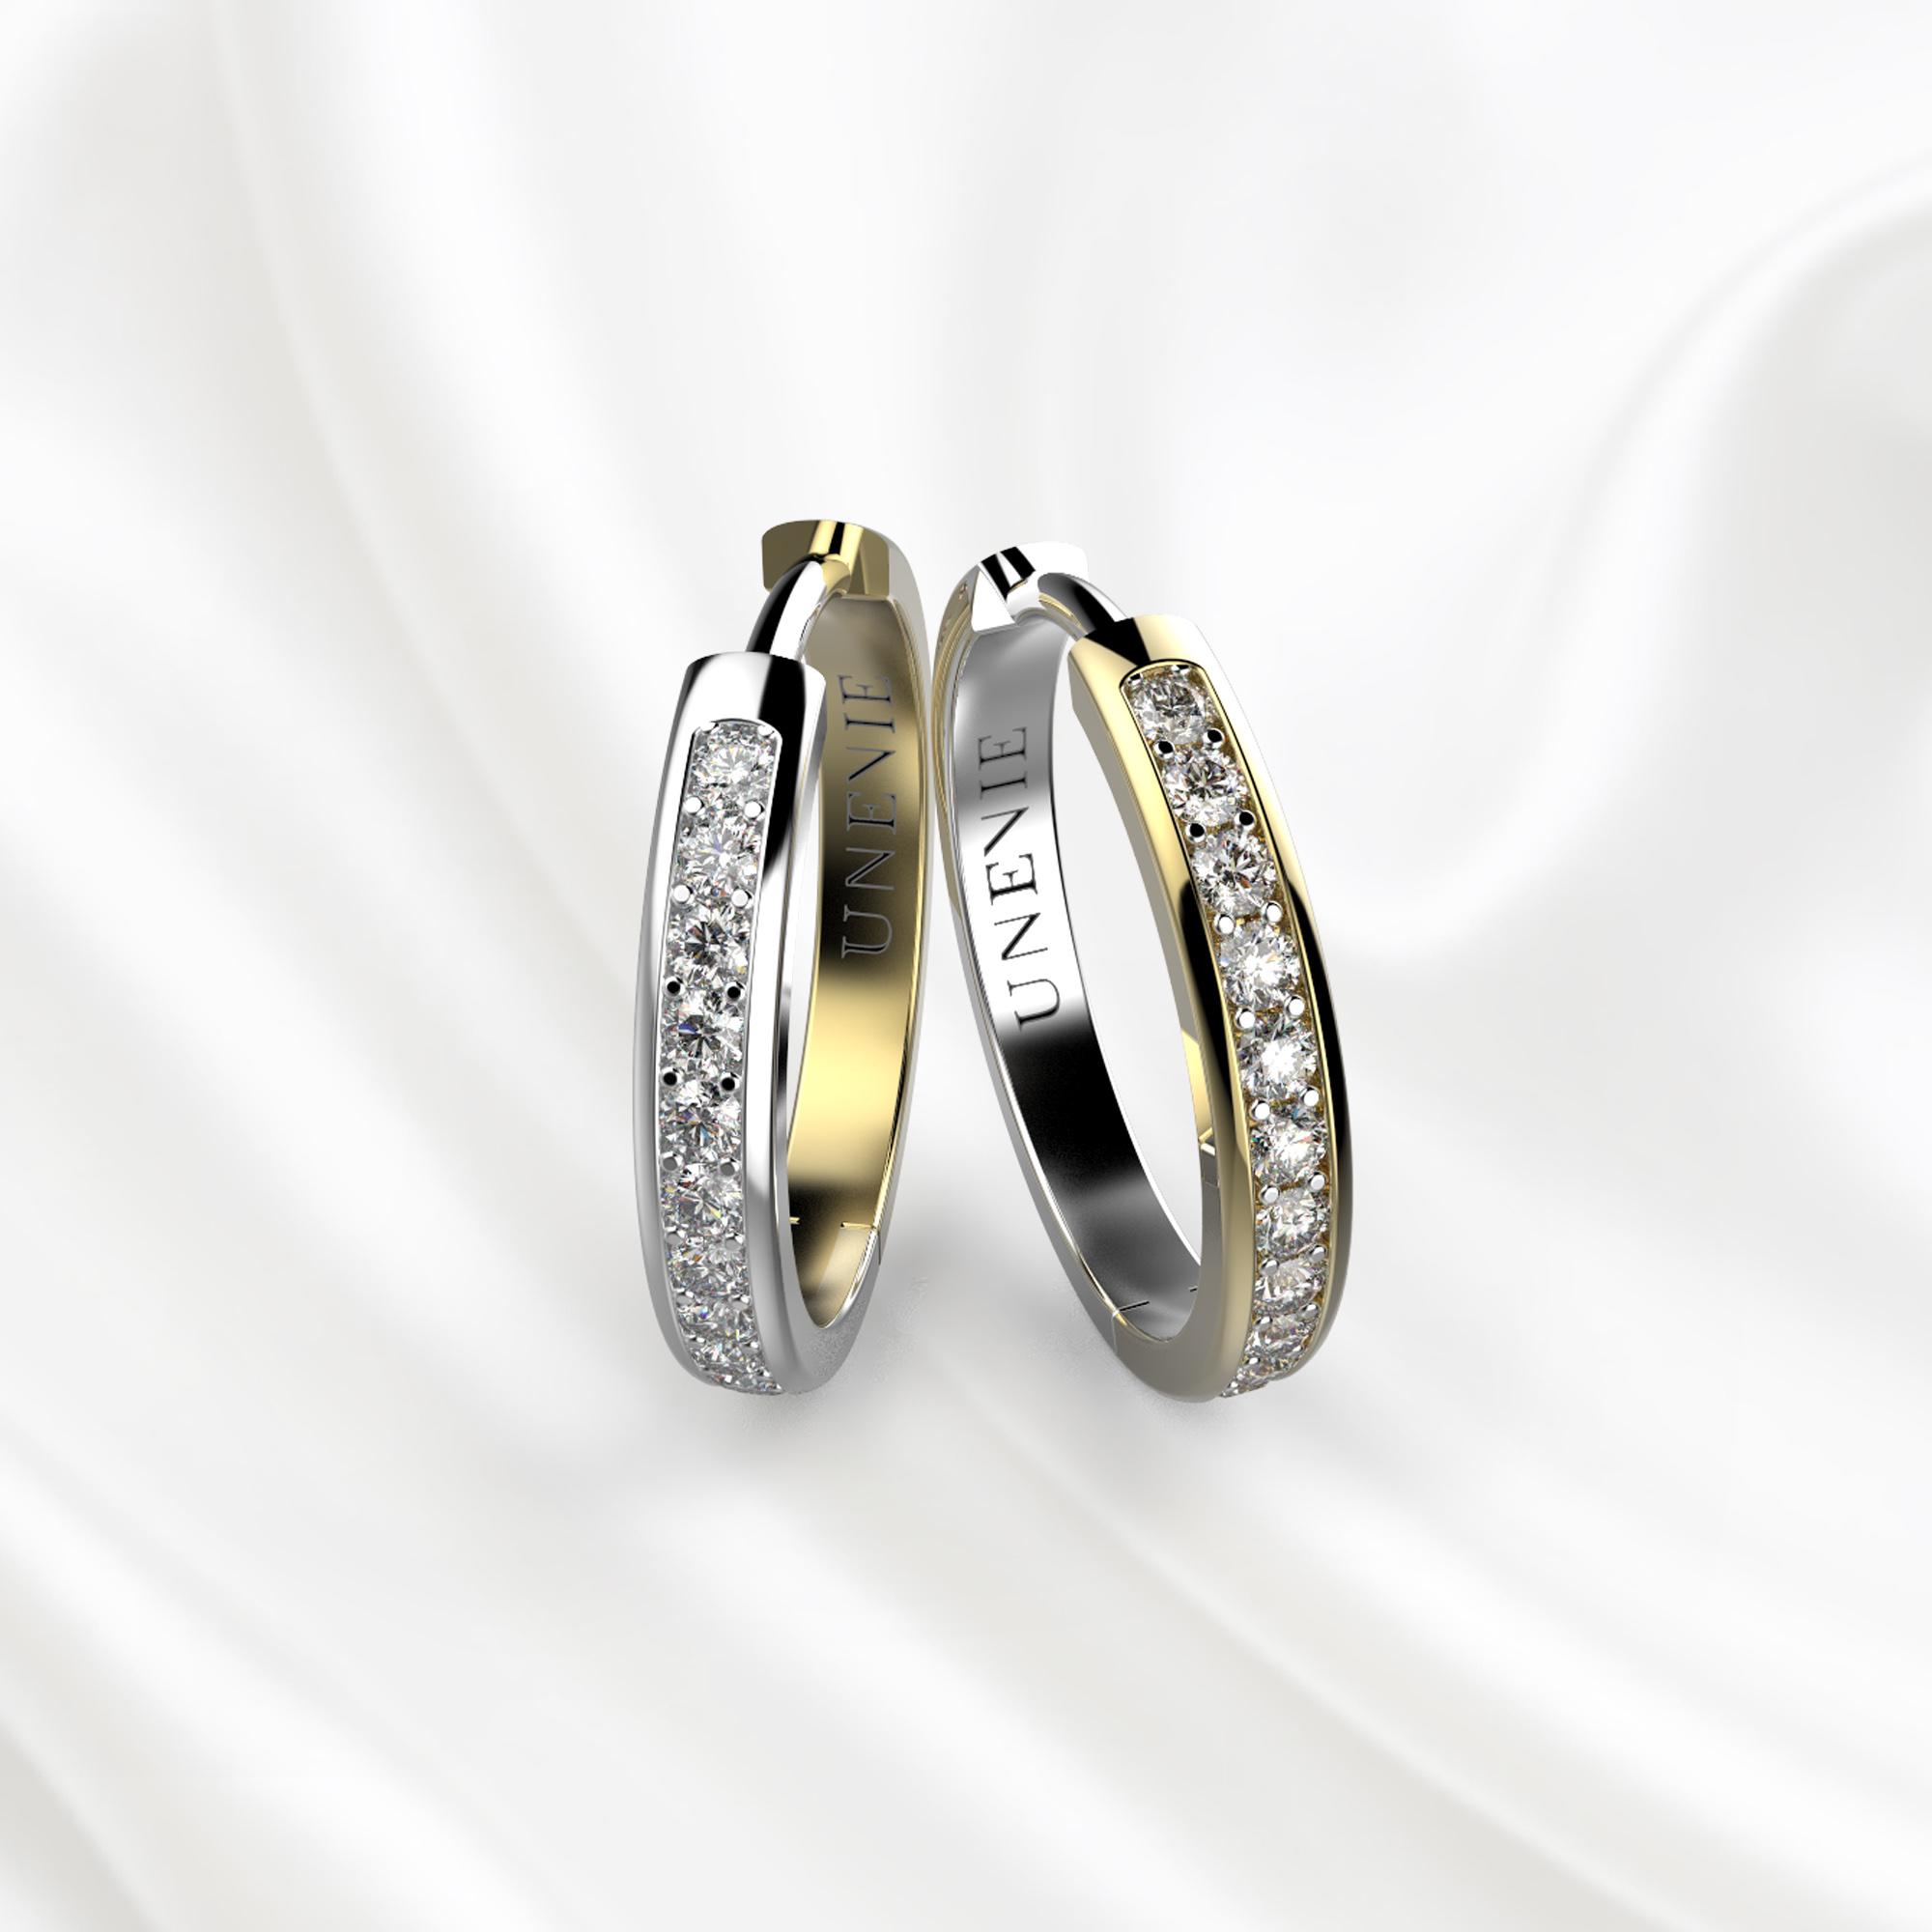 S9 Серьги из желто-белого золота с 44 бриллиантами